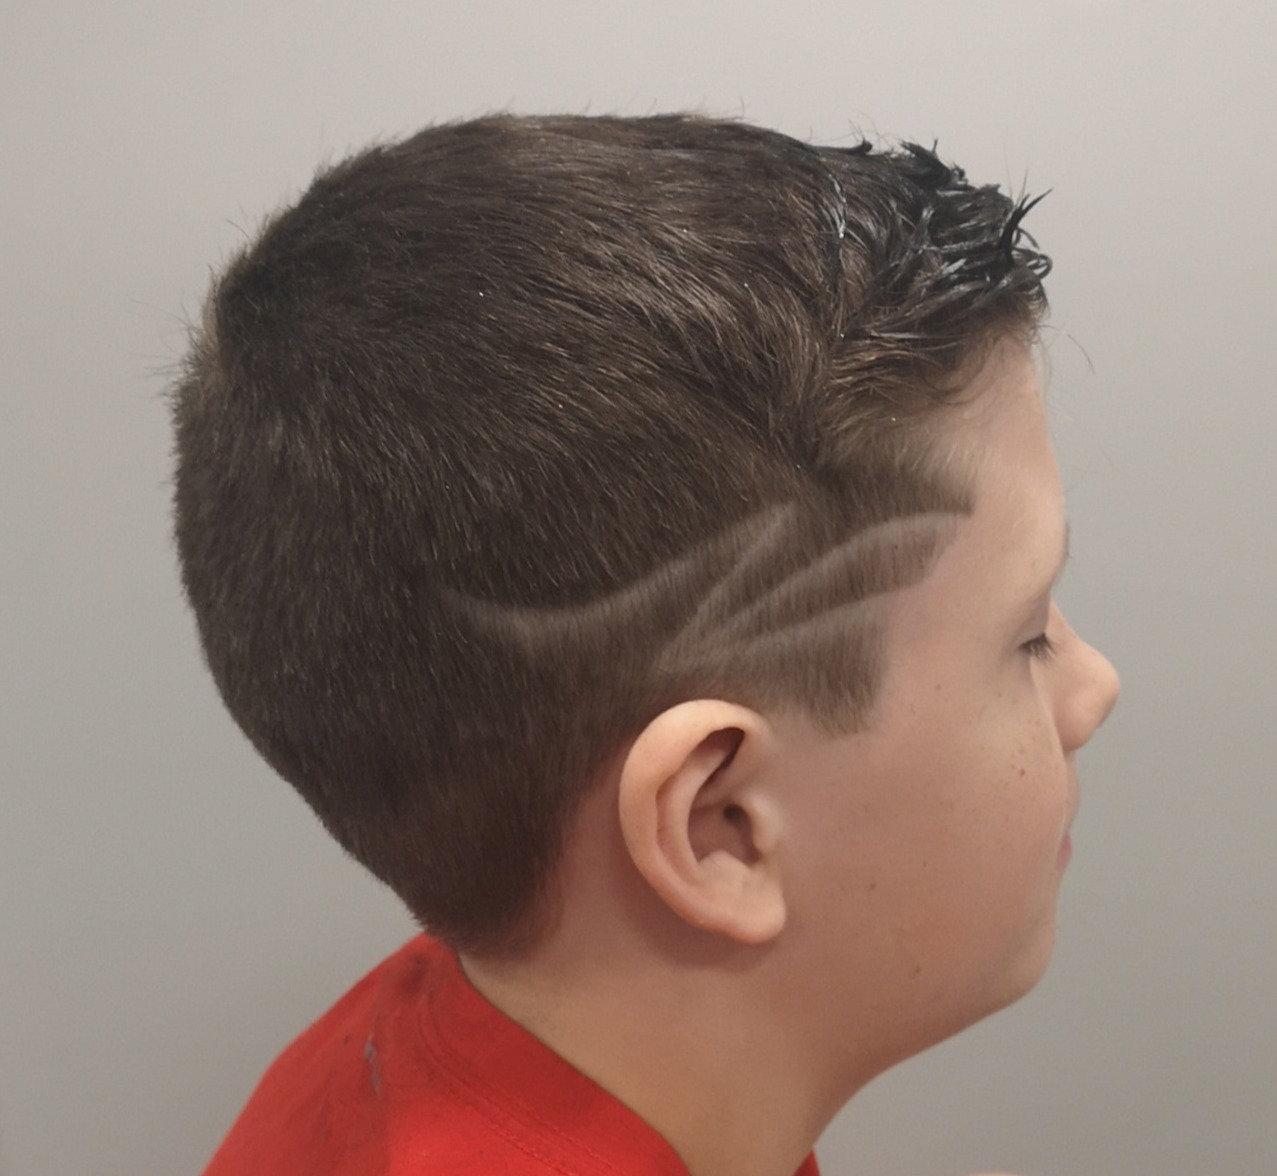 Child's Hair Tattoo